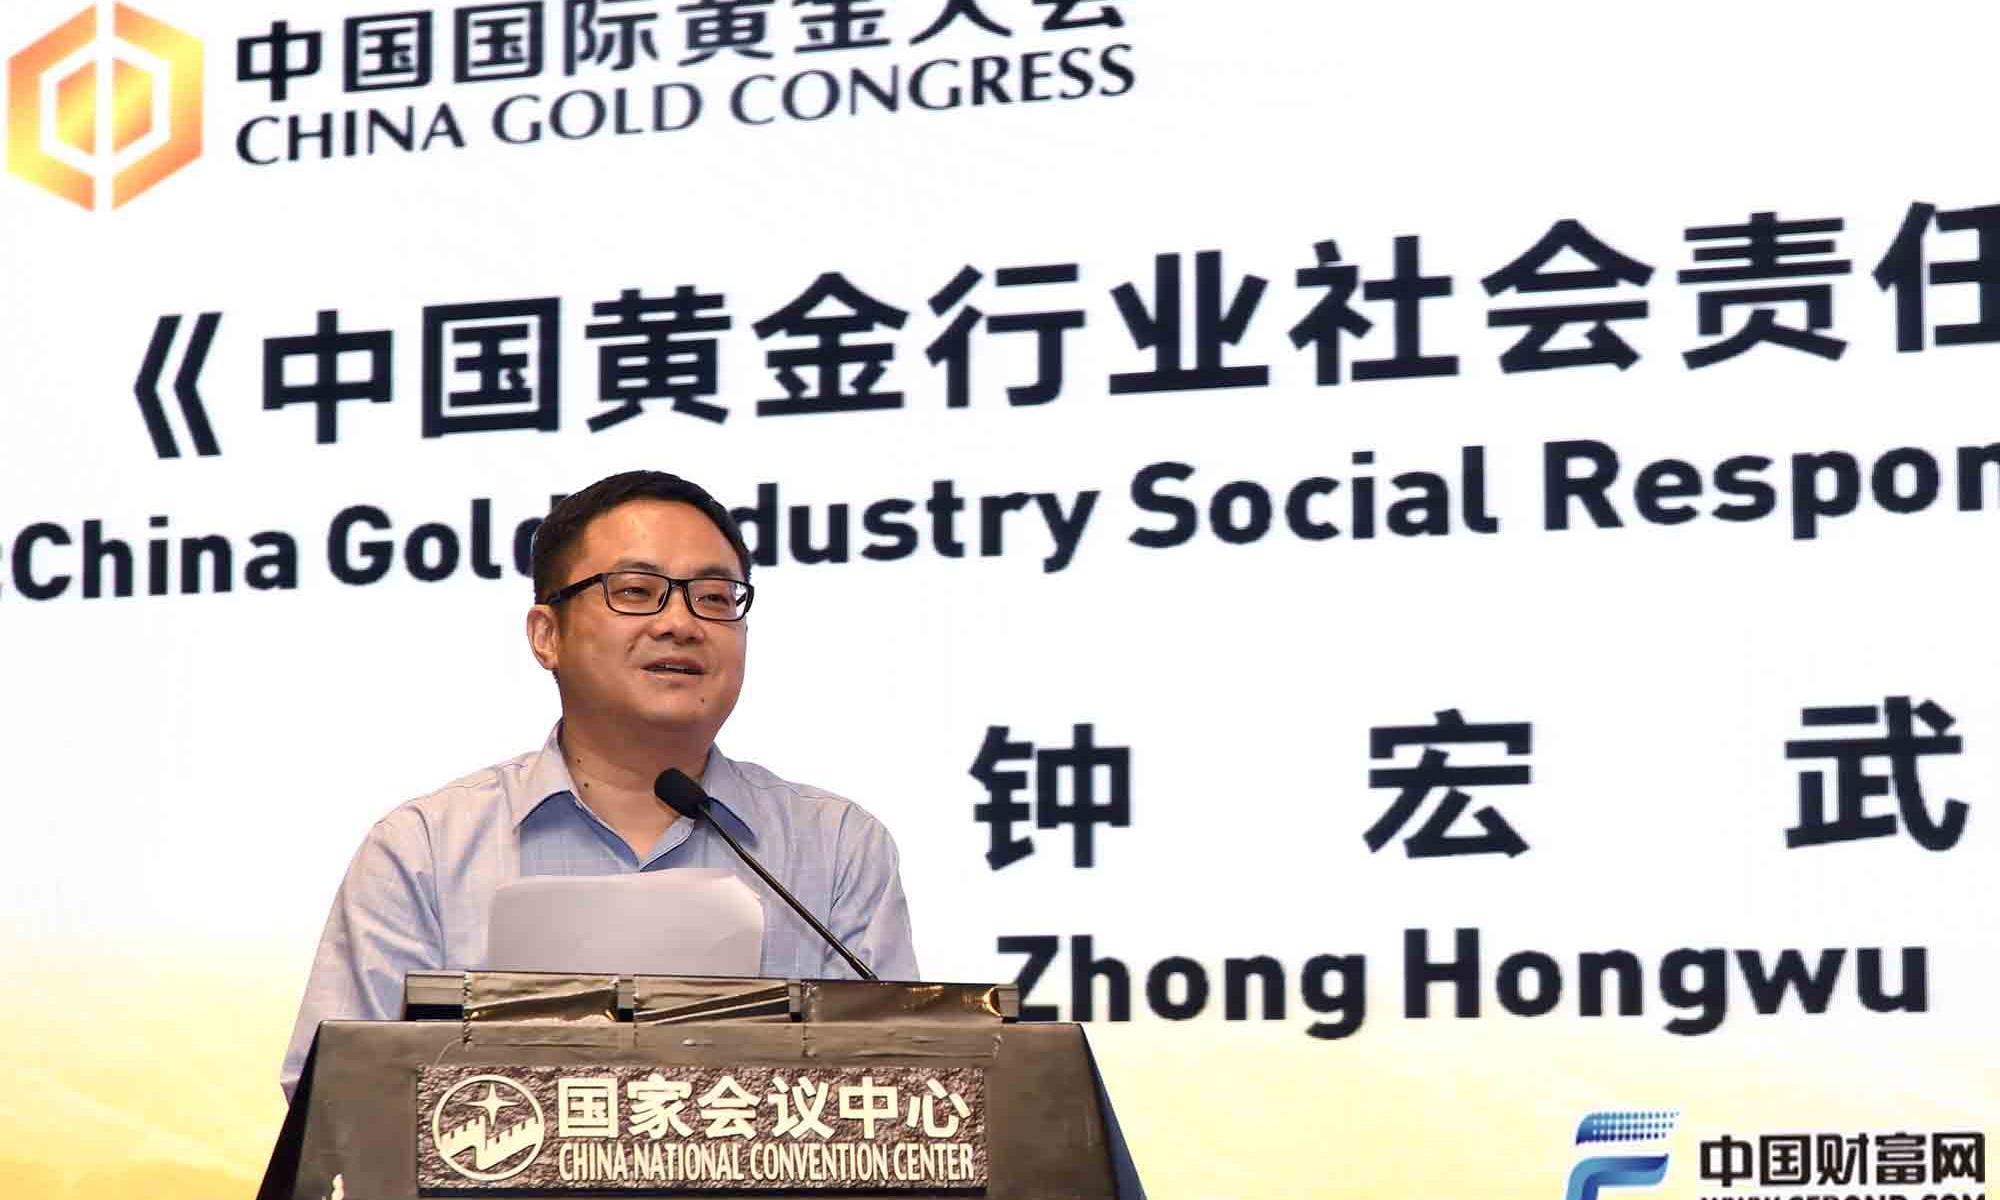 社科院钟宏武作《中国黄金行业社会责任报告2018》